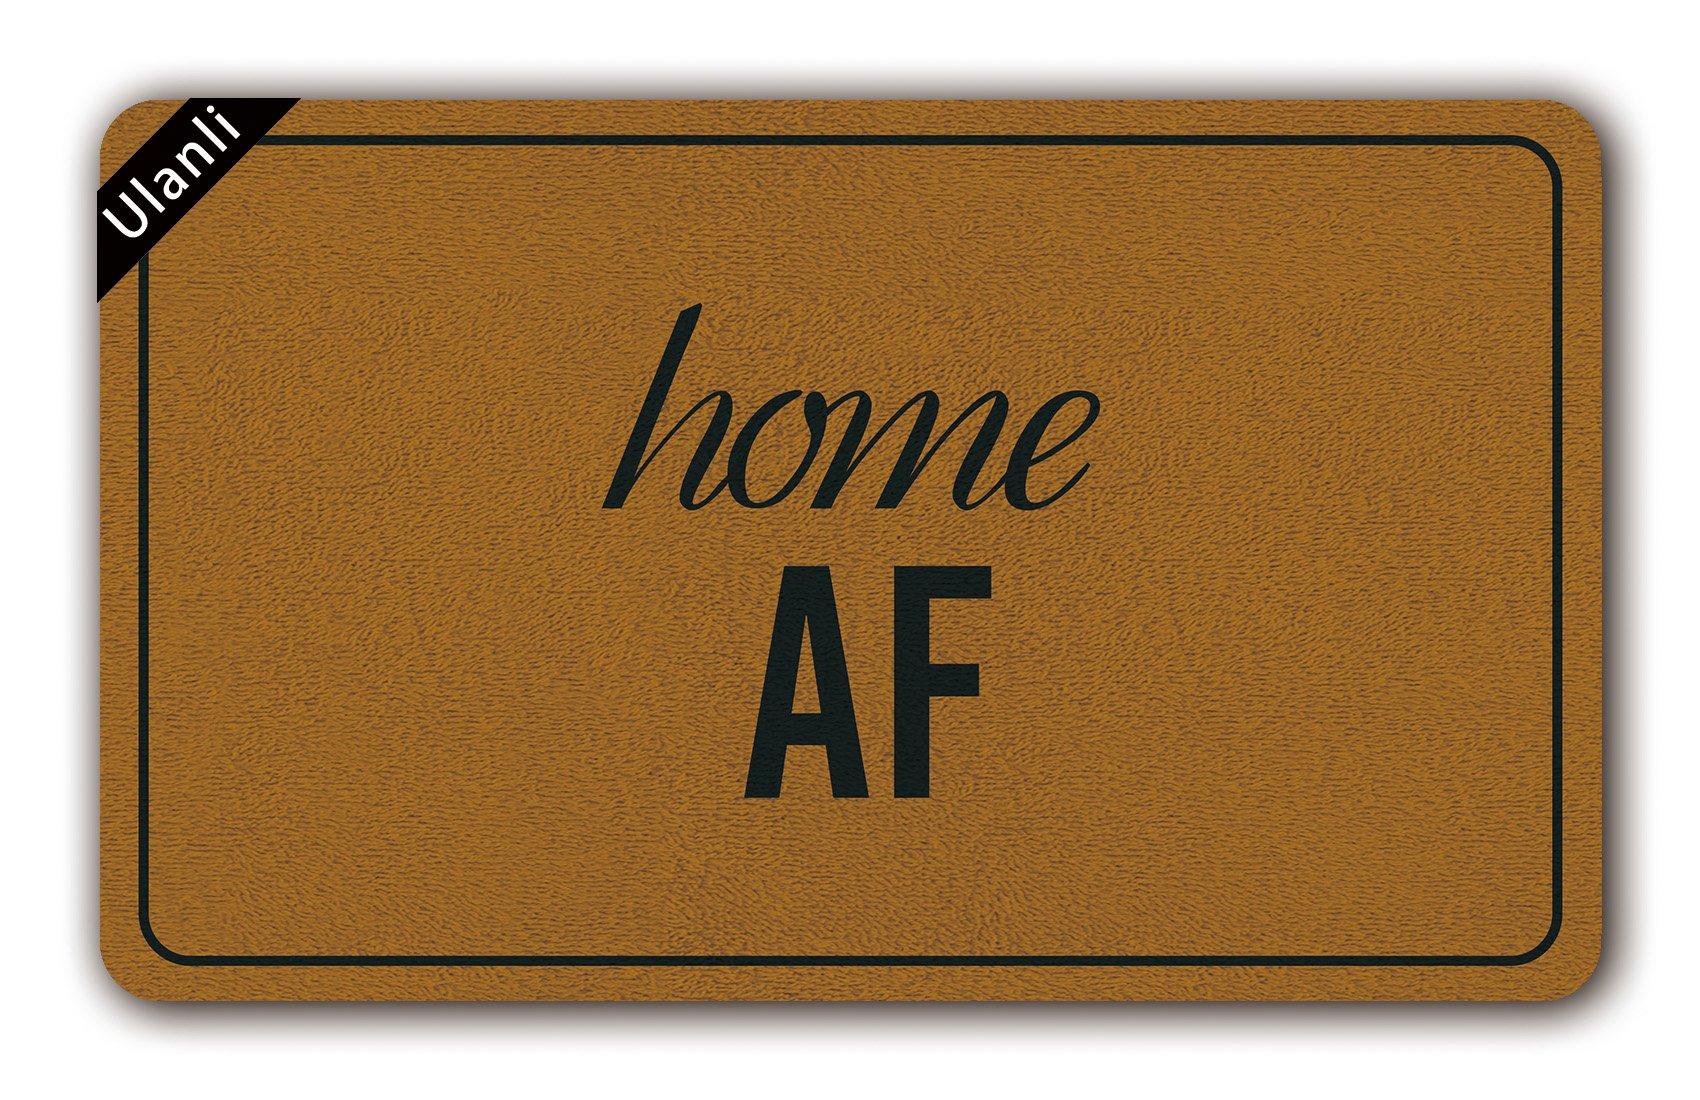 UlanLi Home AF Doormat, Door Mat, Welcome Mat, Housewarming Gift, Funny Doormat, Mature Home Decor, Custom Doormat, Personalized Doormat, As Fuck2 23.6 x 15.7 Entrance Floor Mat